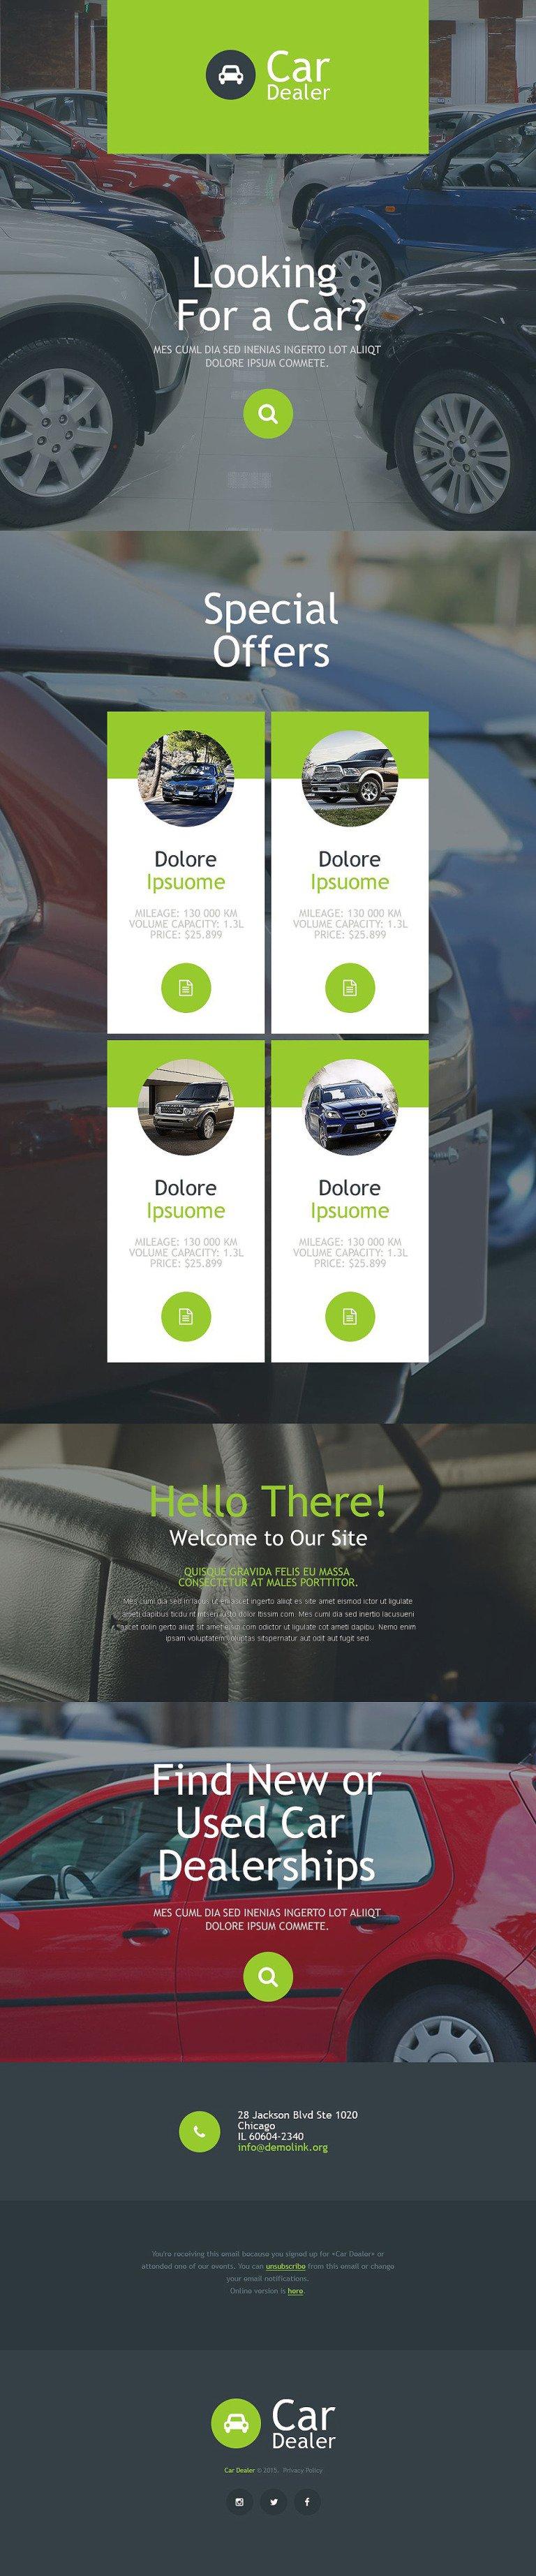 Car Dealer Responsive Newsletter Template New Screenshots BIG